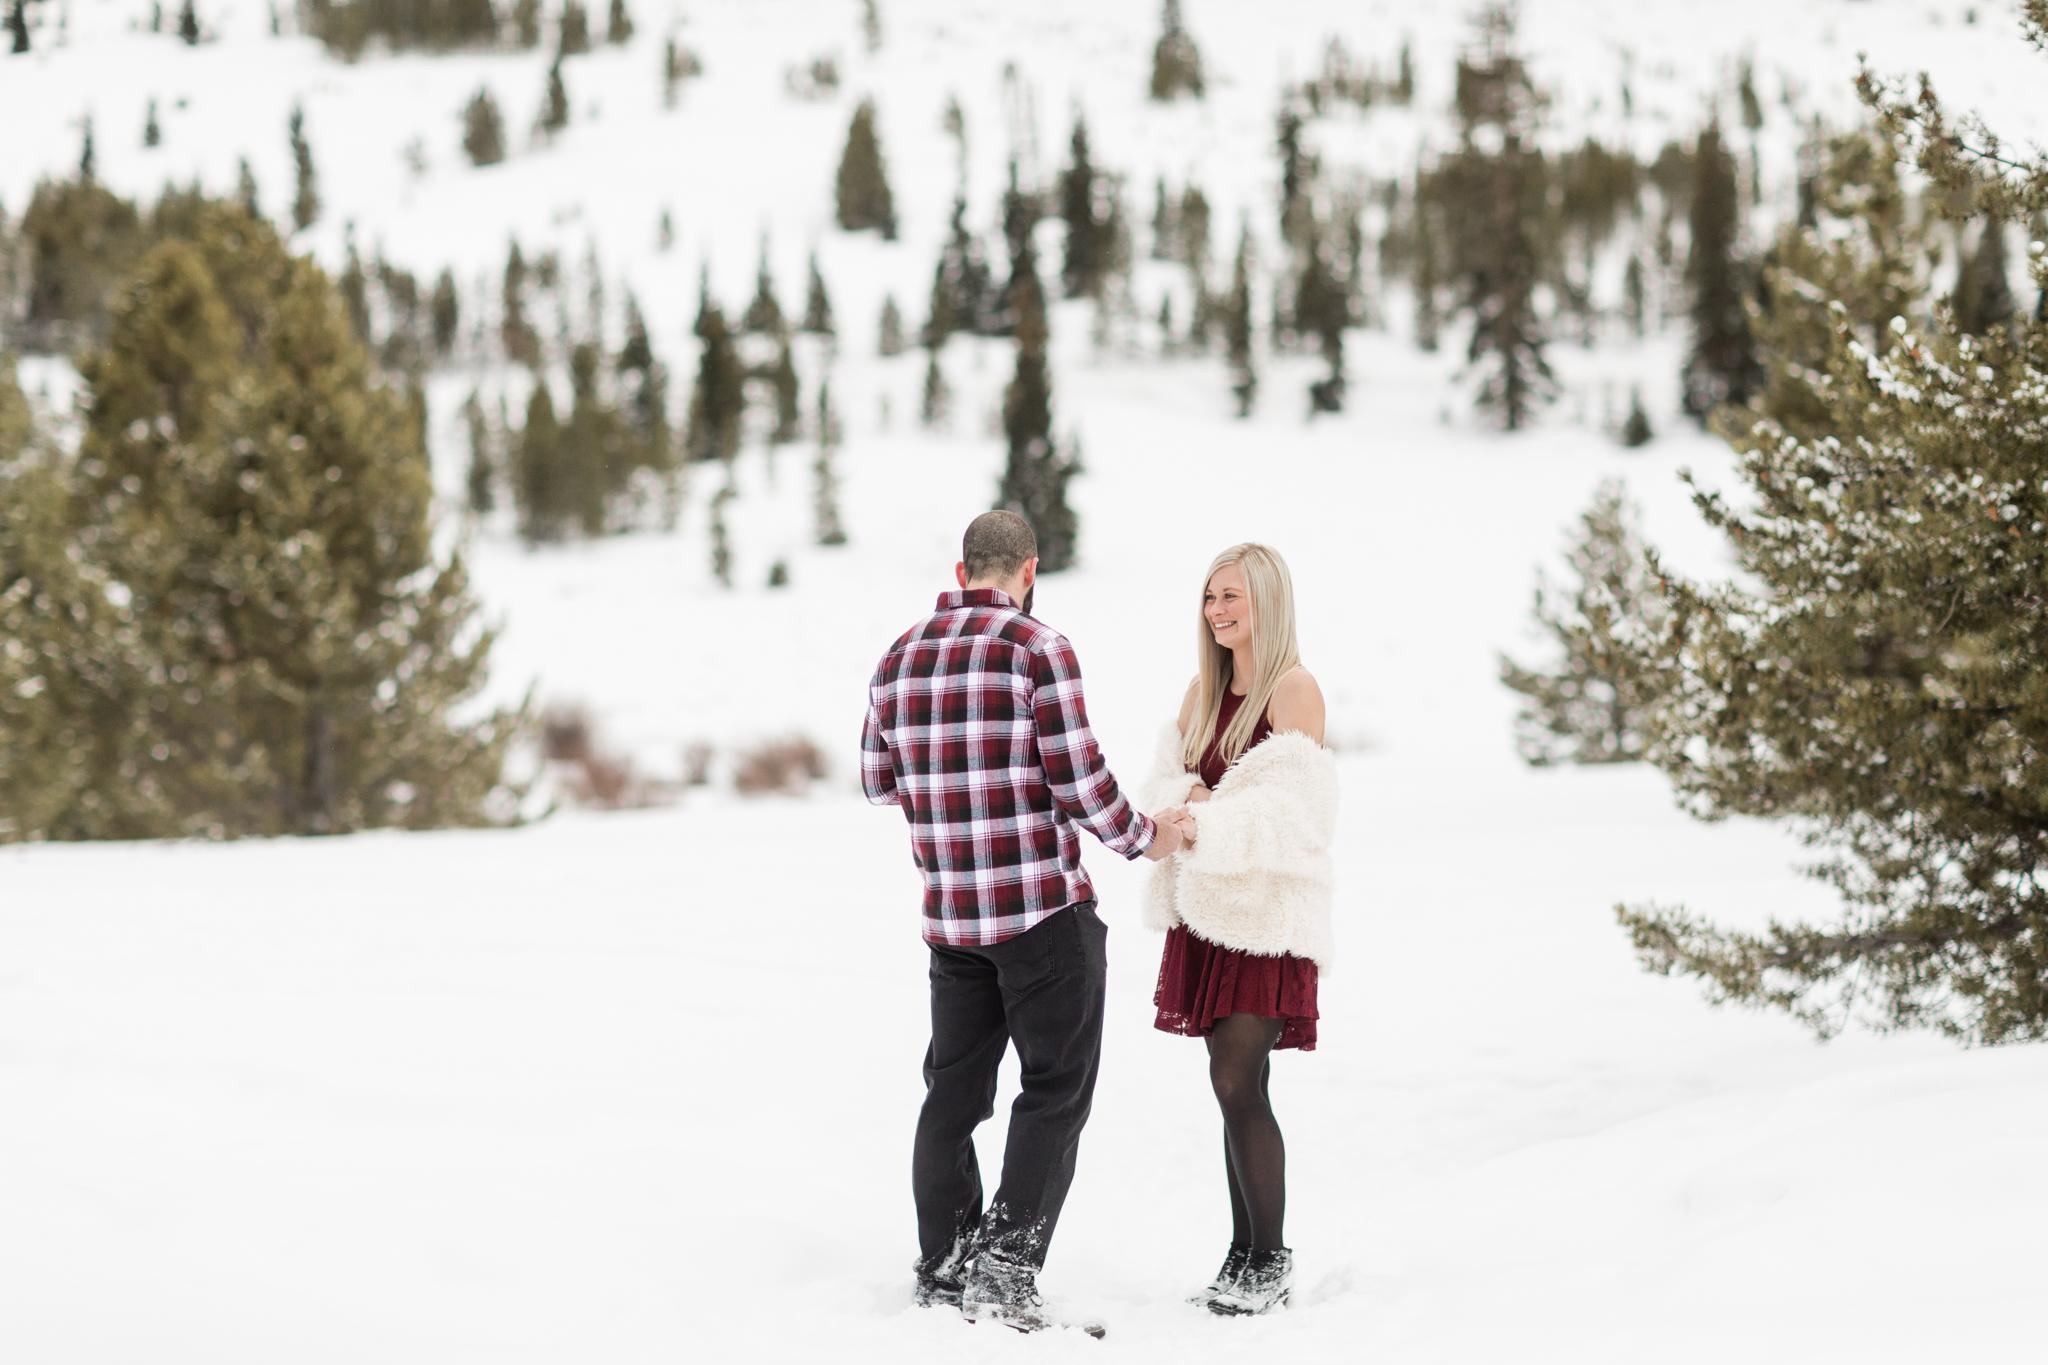 Windy_Point_Breckenridge_Winter_Proposal_8